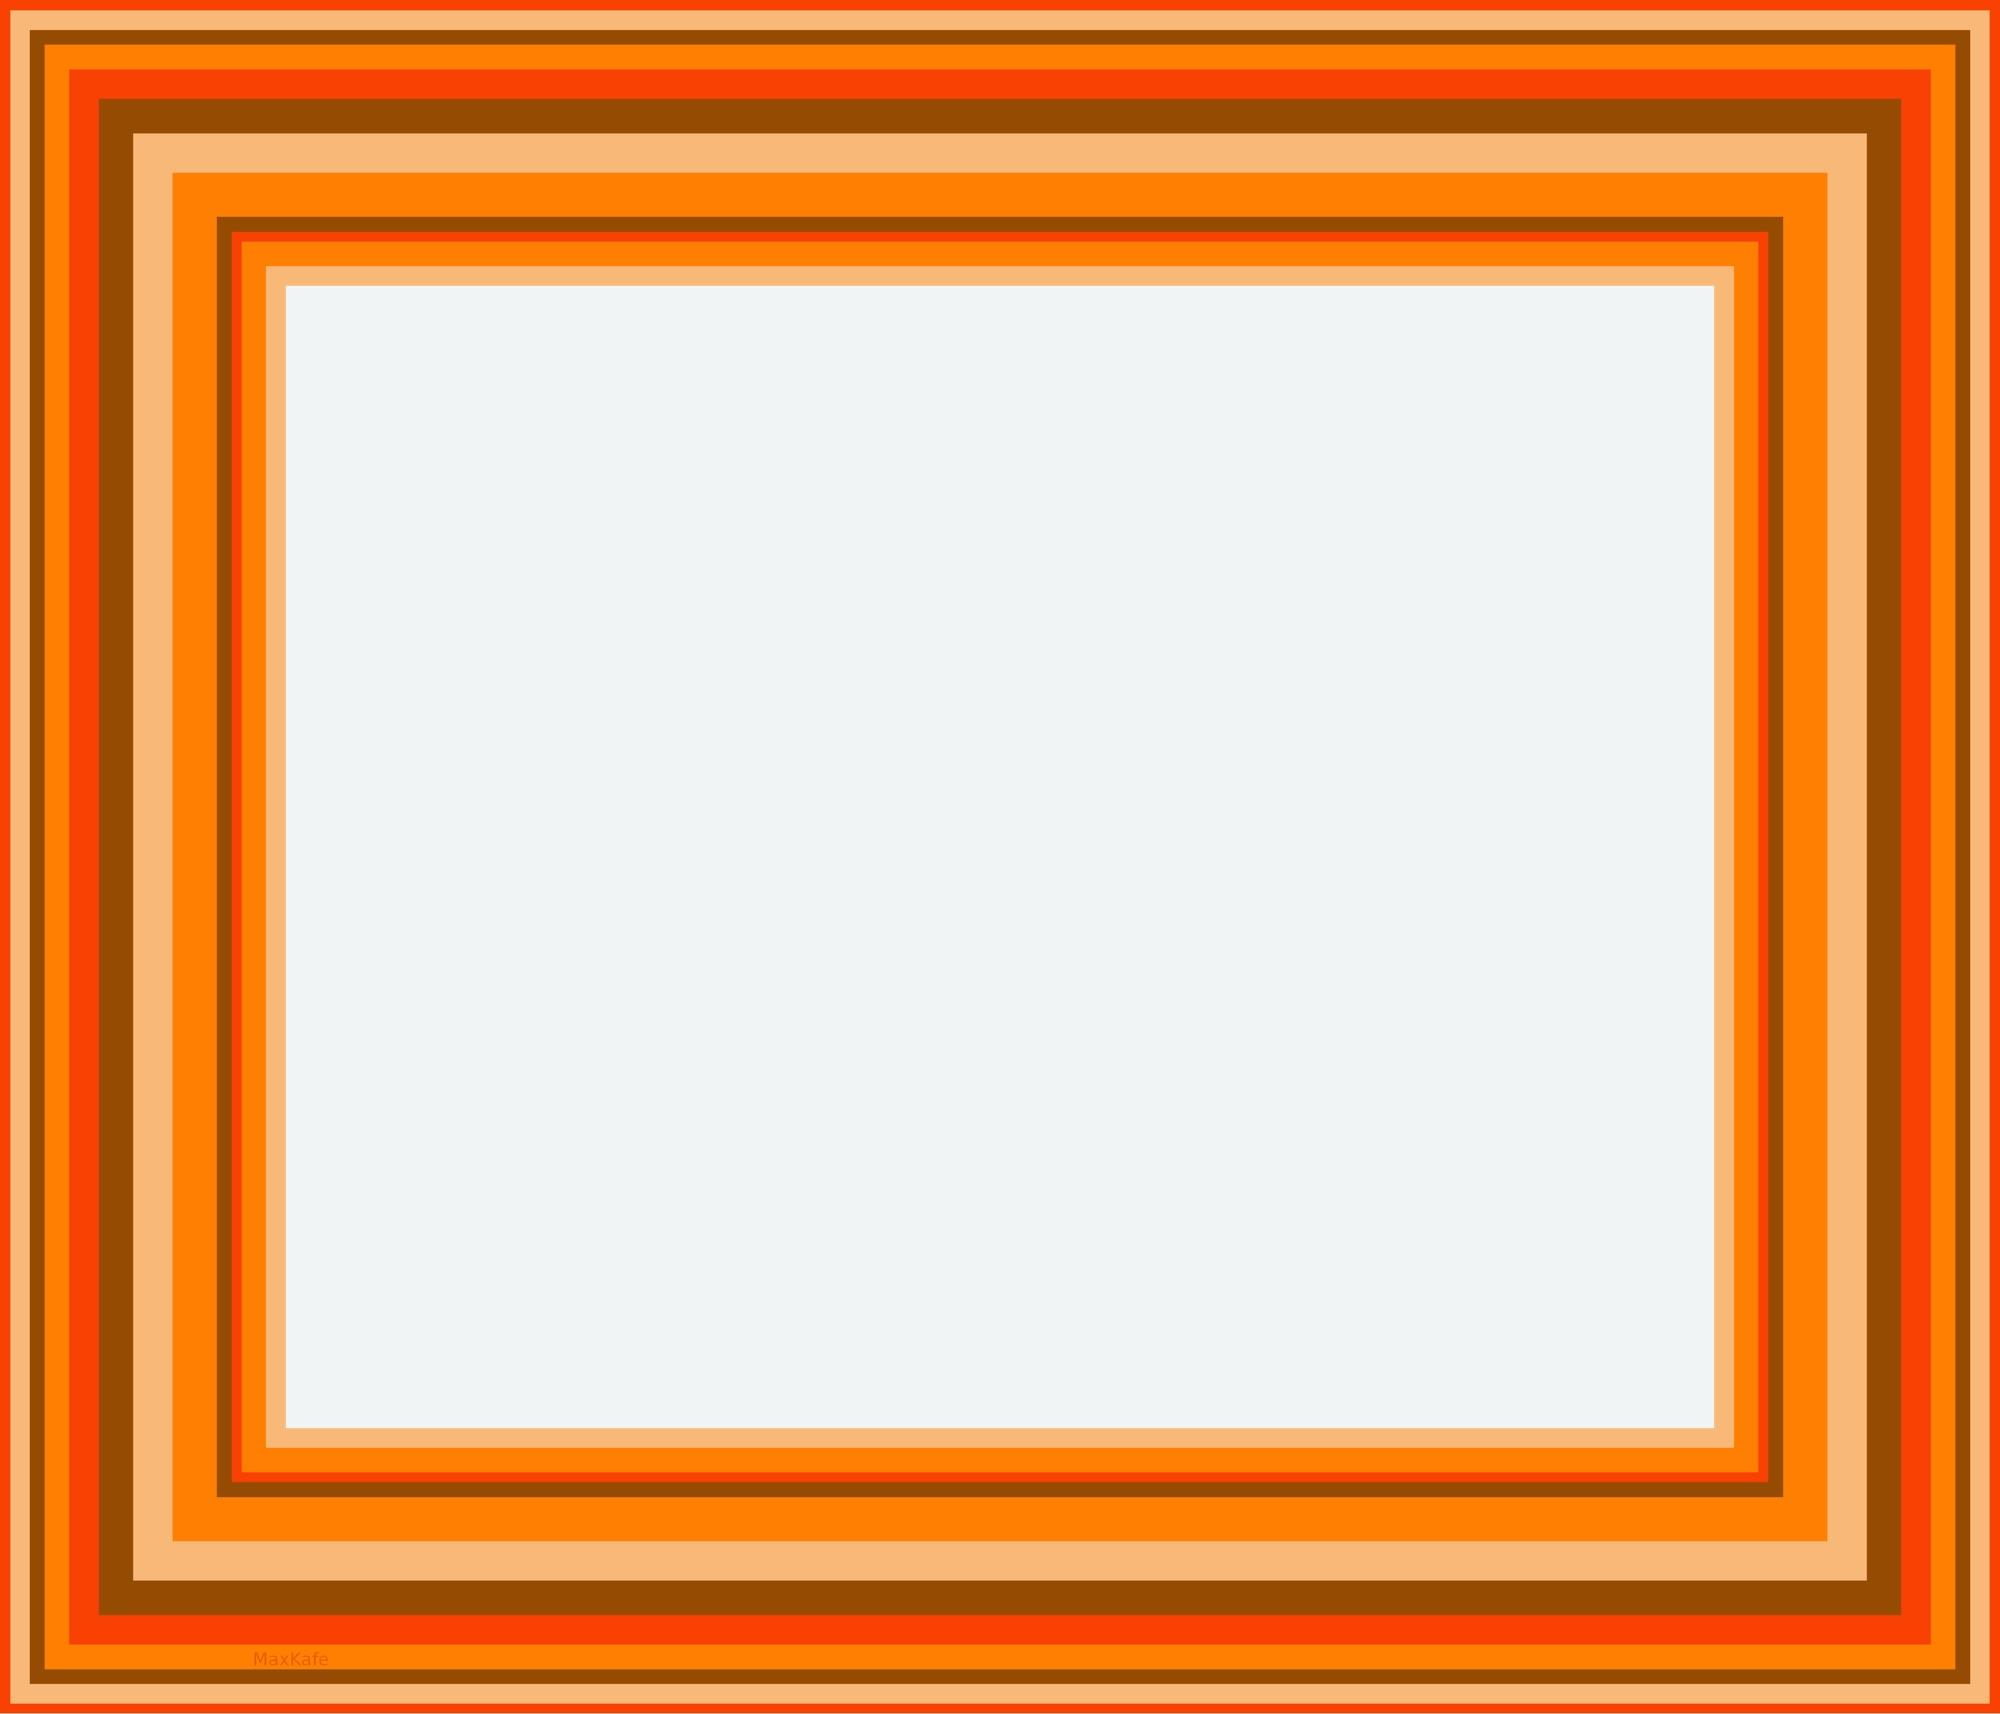 """MK16LFS114 Frame 6x7 Red Orange <a href=""""https://dl.orangedox.com/lffymI"""">[DOWNLOAD]</a>"""